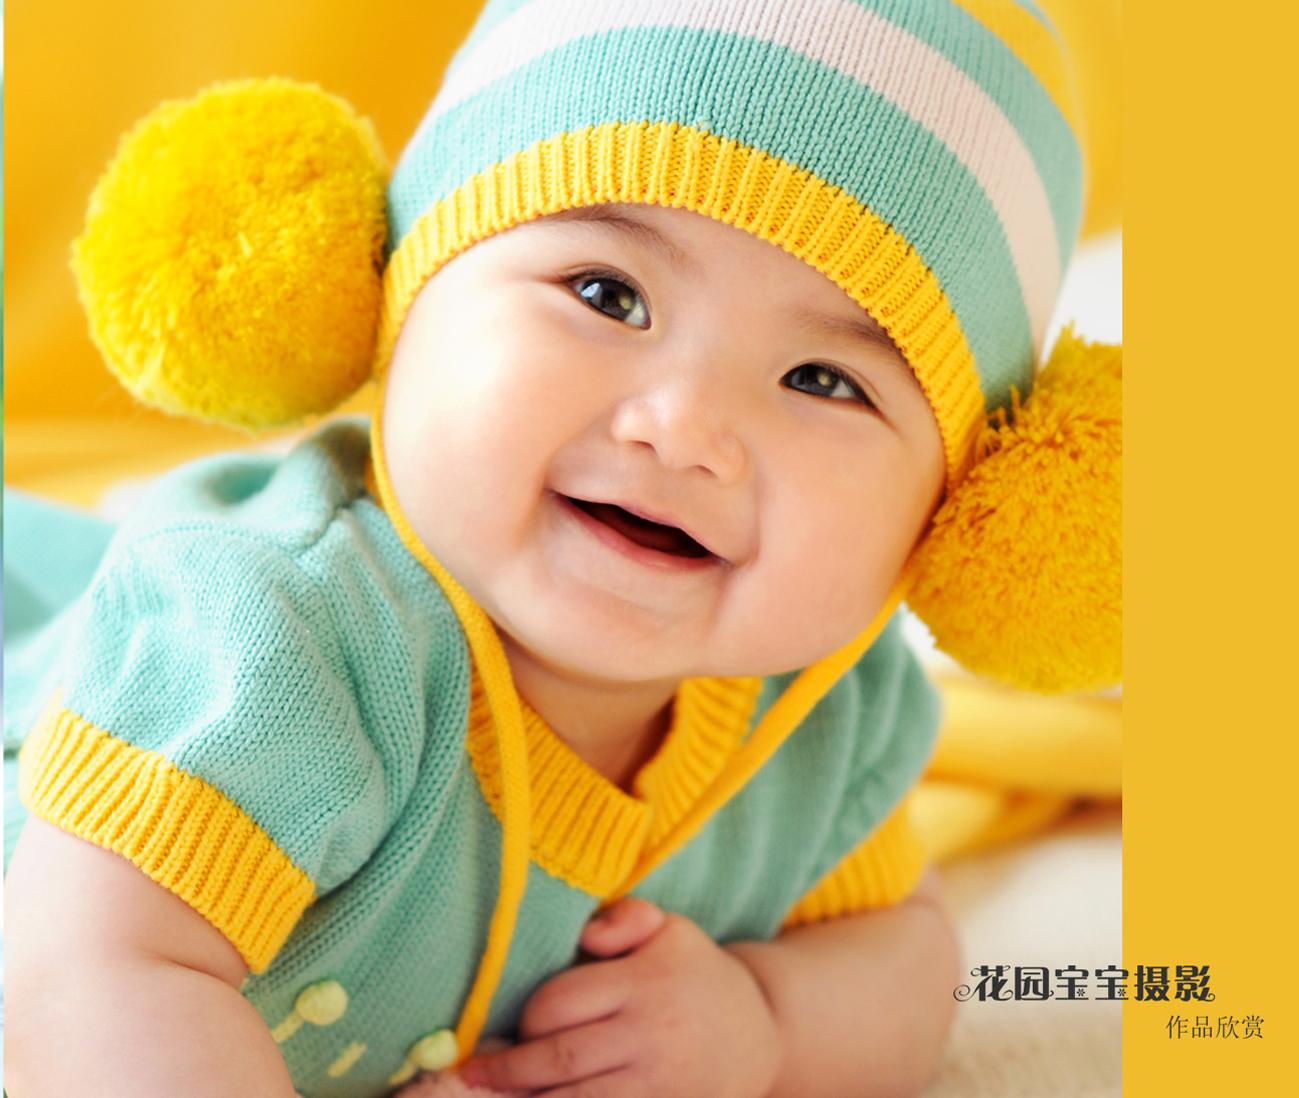 漂亮小孩图片大全可爱